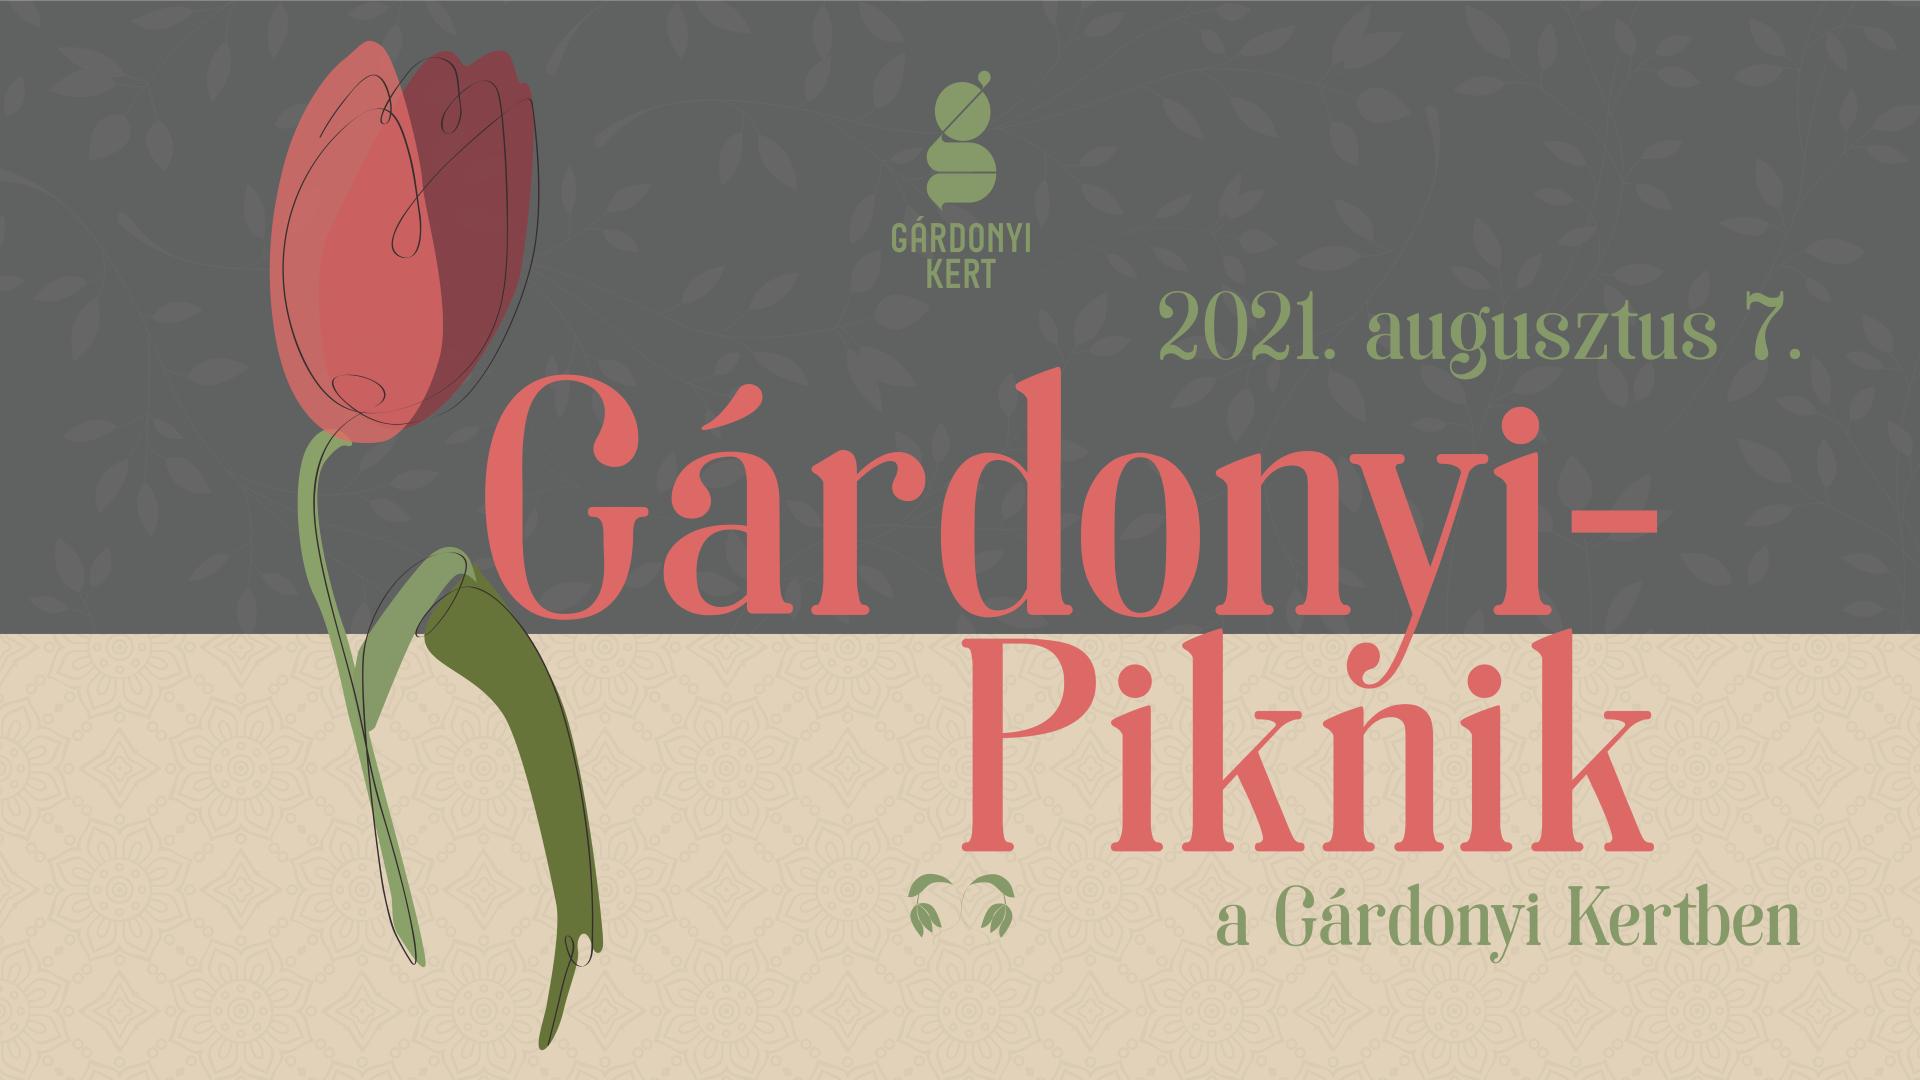 Gárdonyi-Piknik